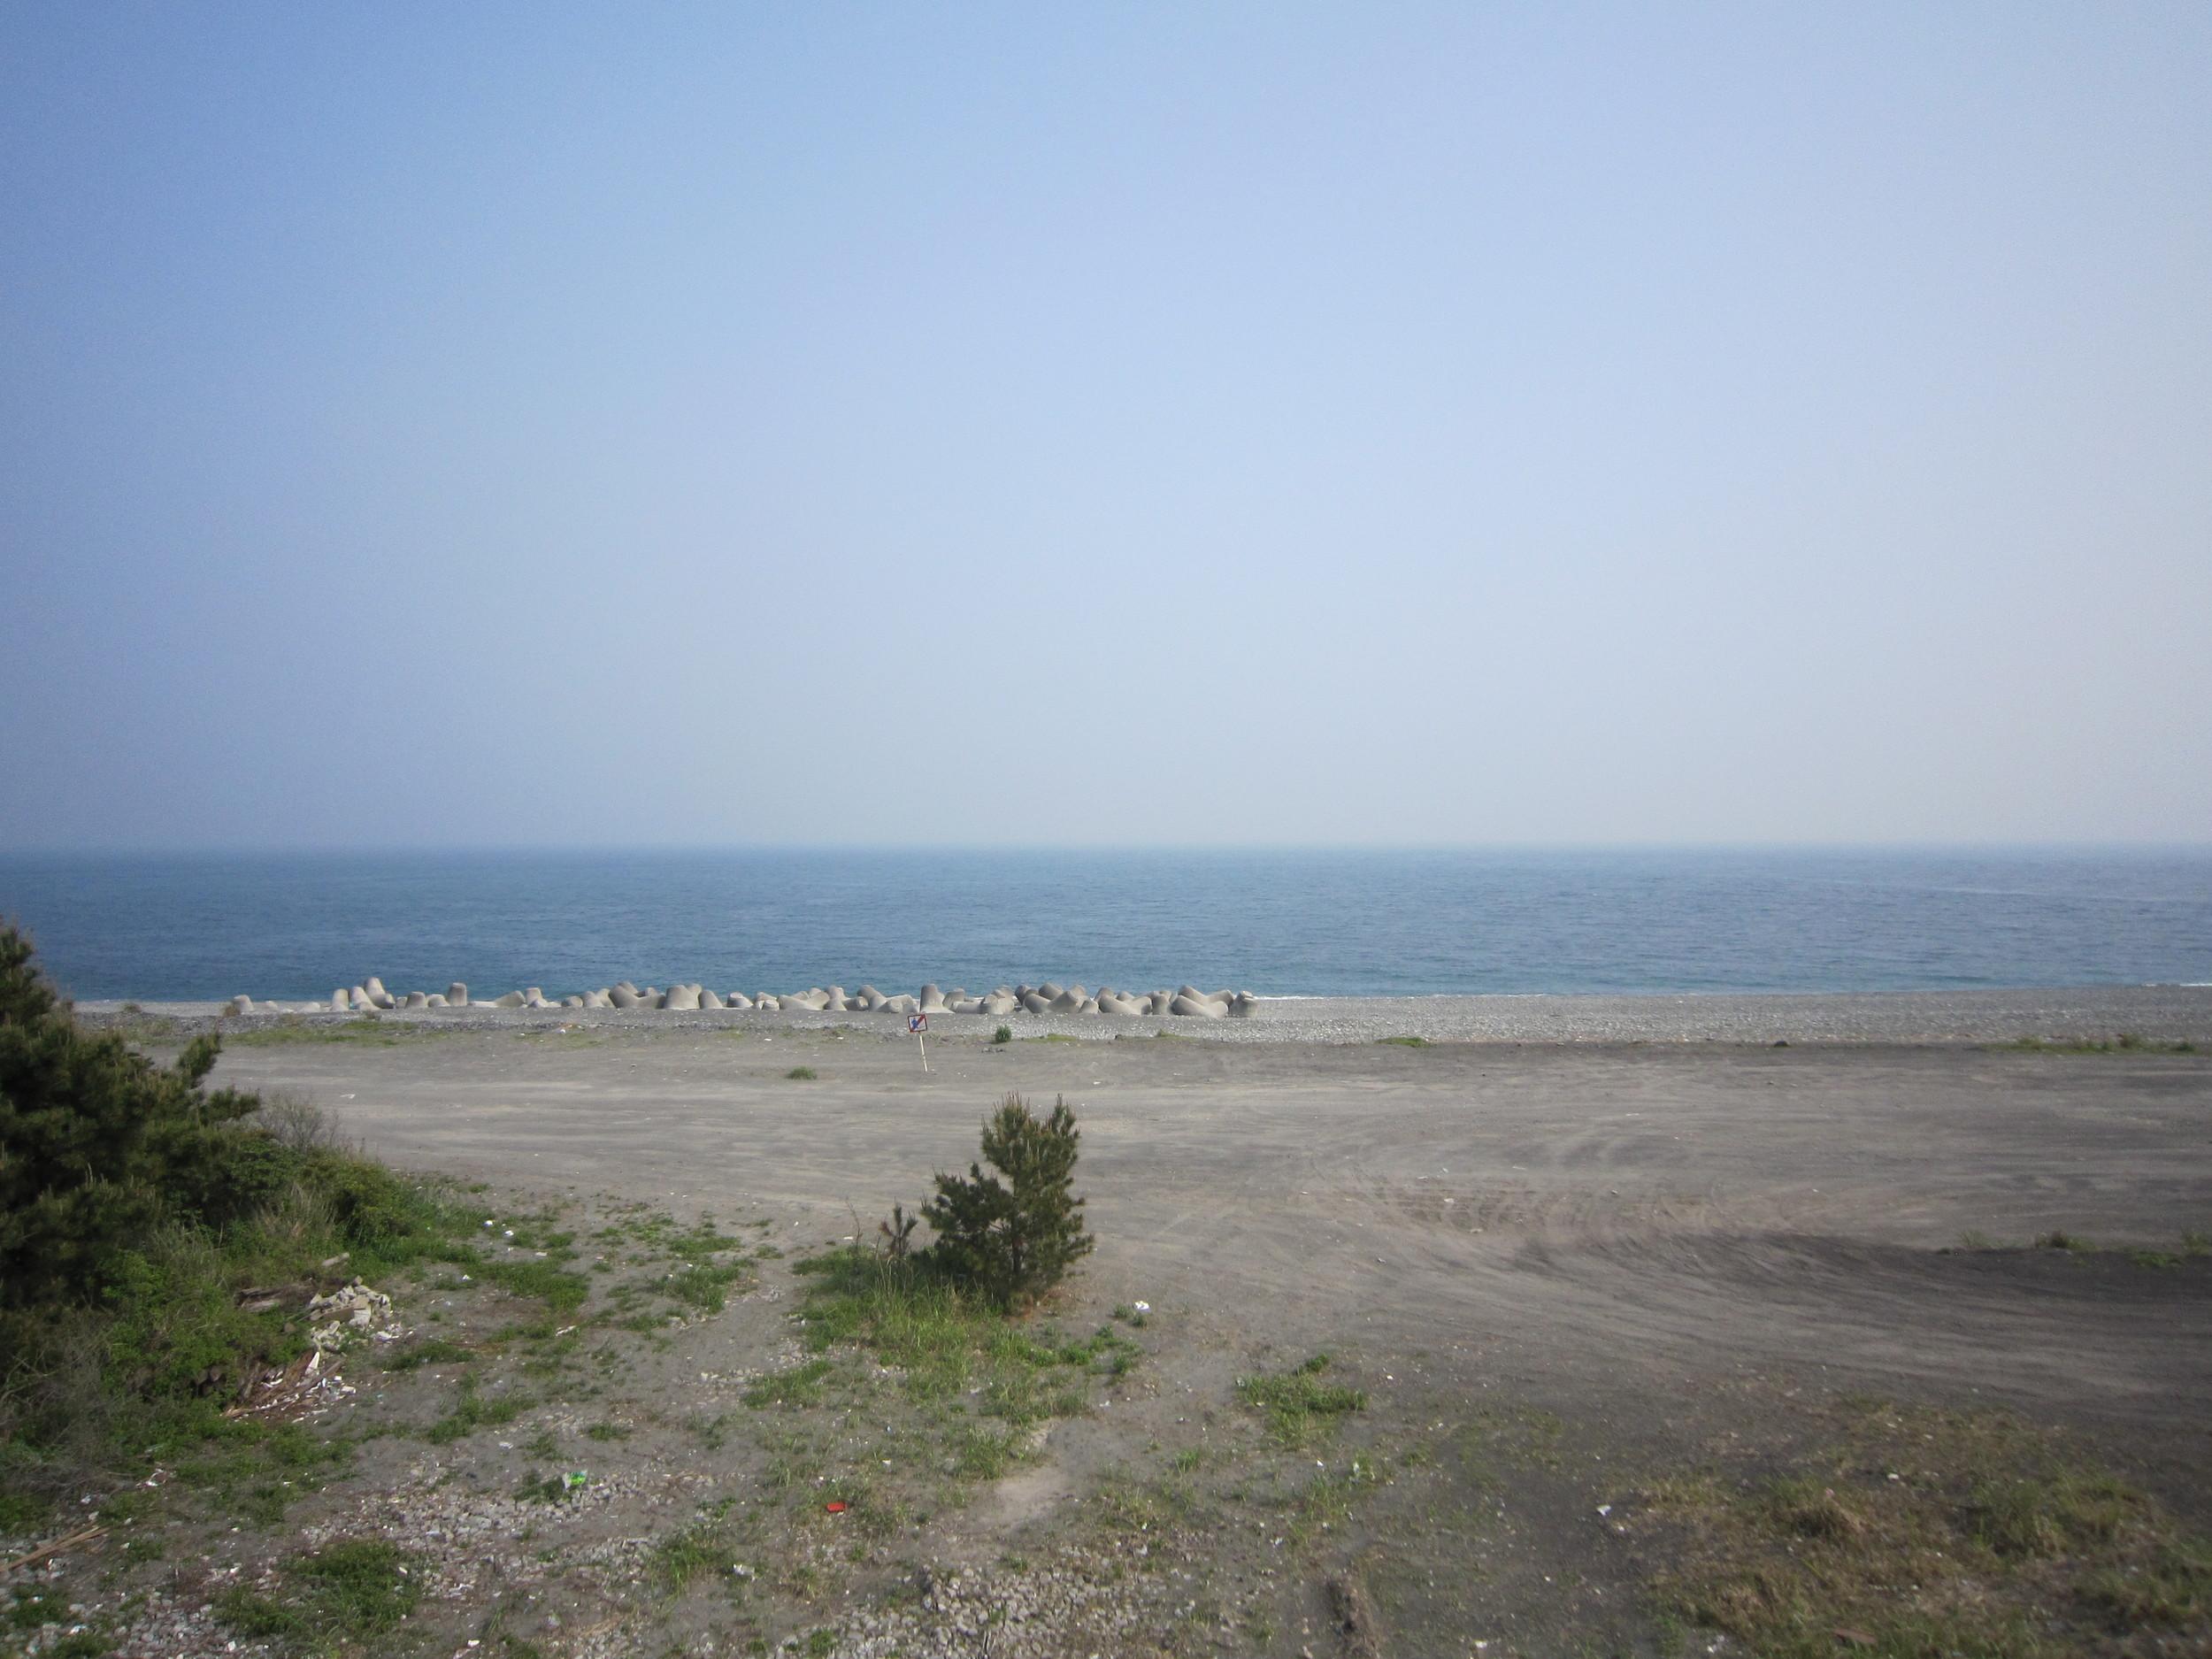 Scenic ocean view in Fuji